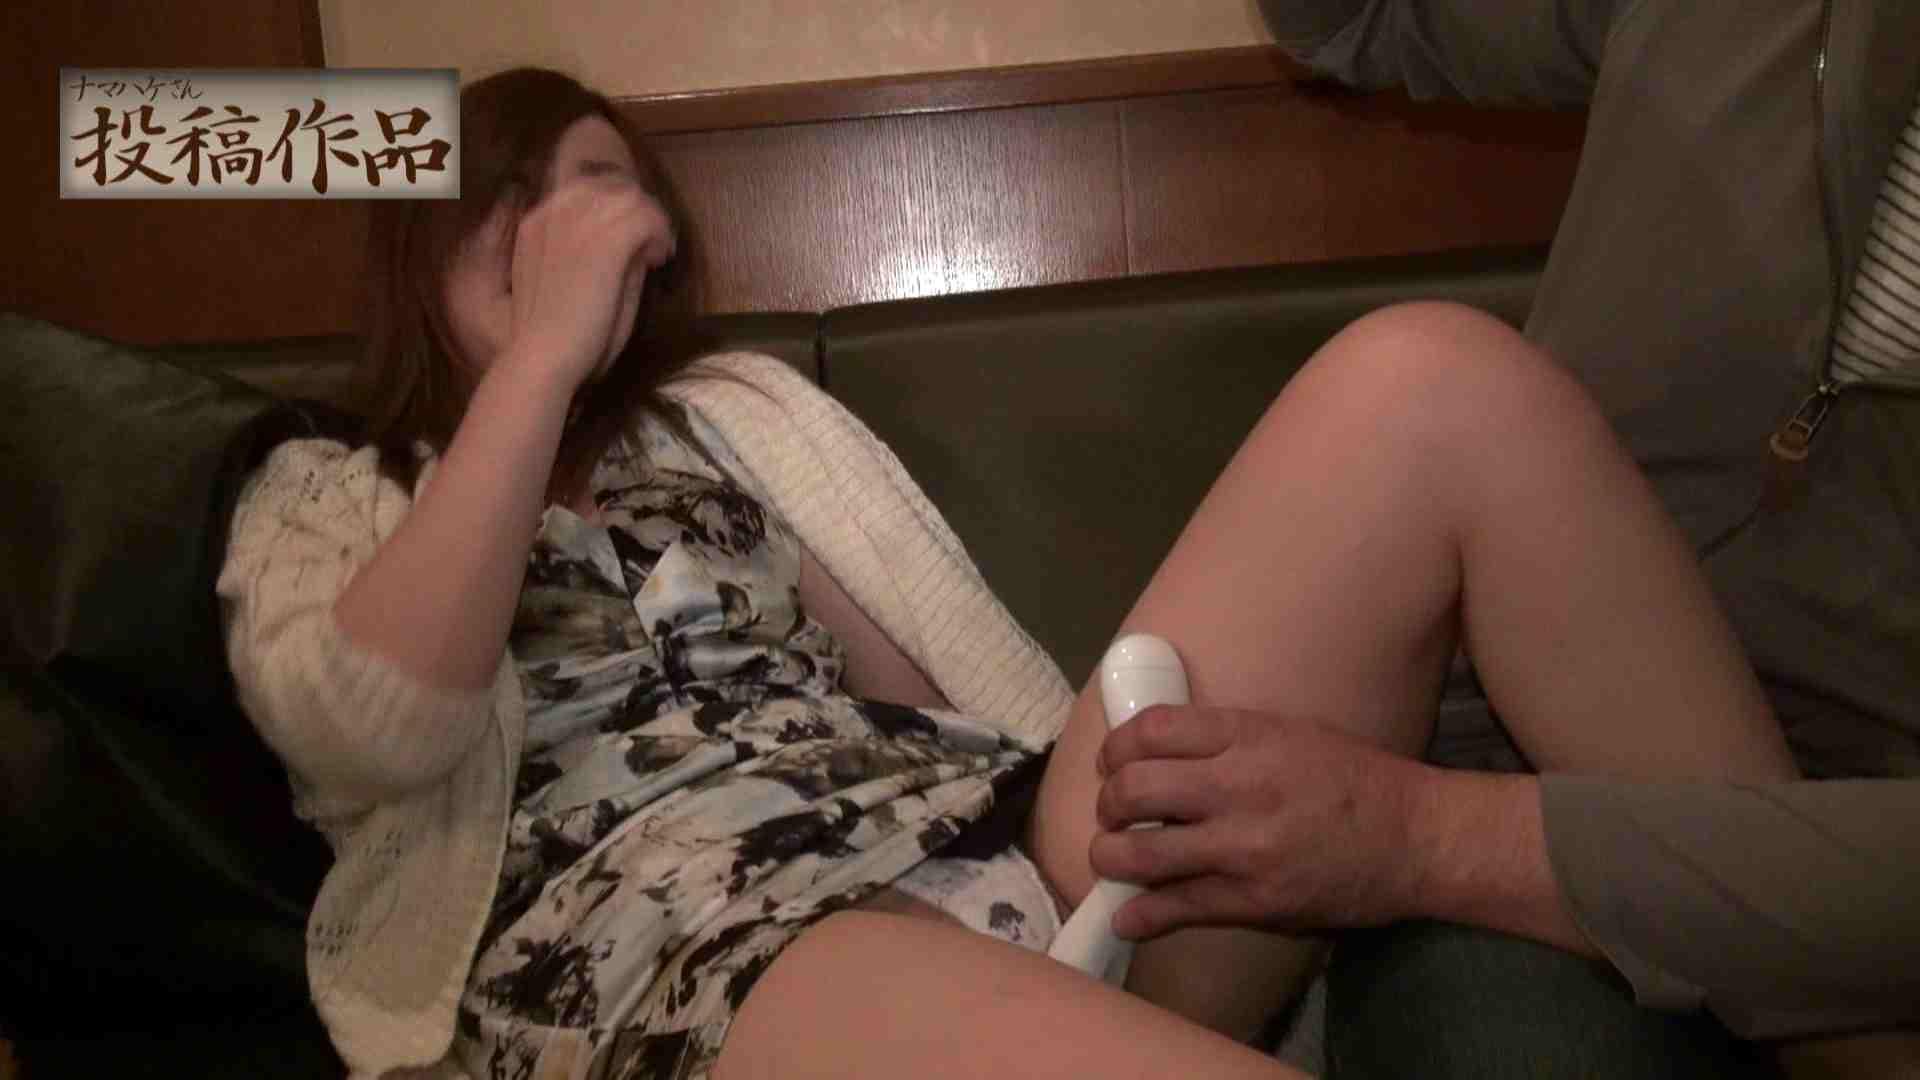 ナマハゲさんのまんこコレクション sae 美しいOLの裸体 性交動画流出 86pic 26